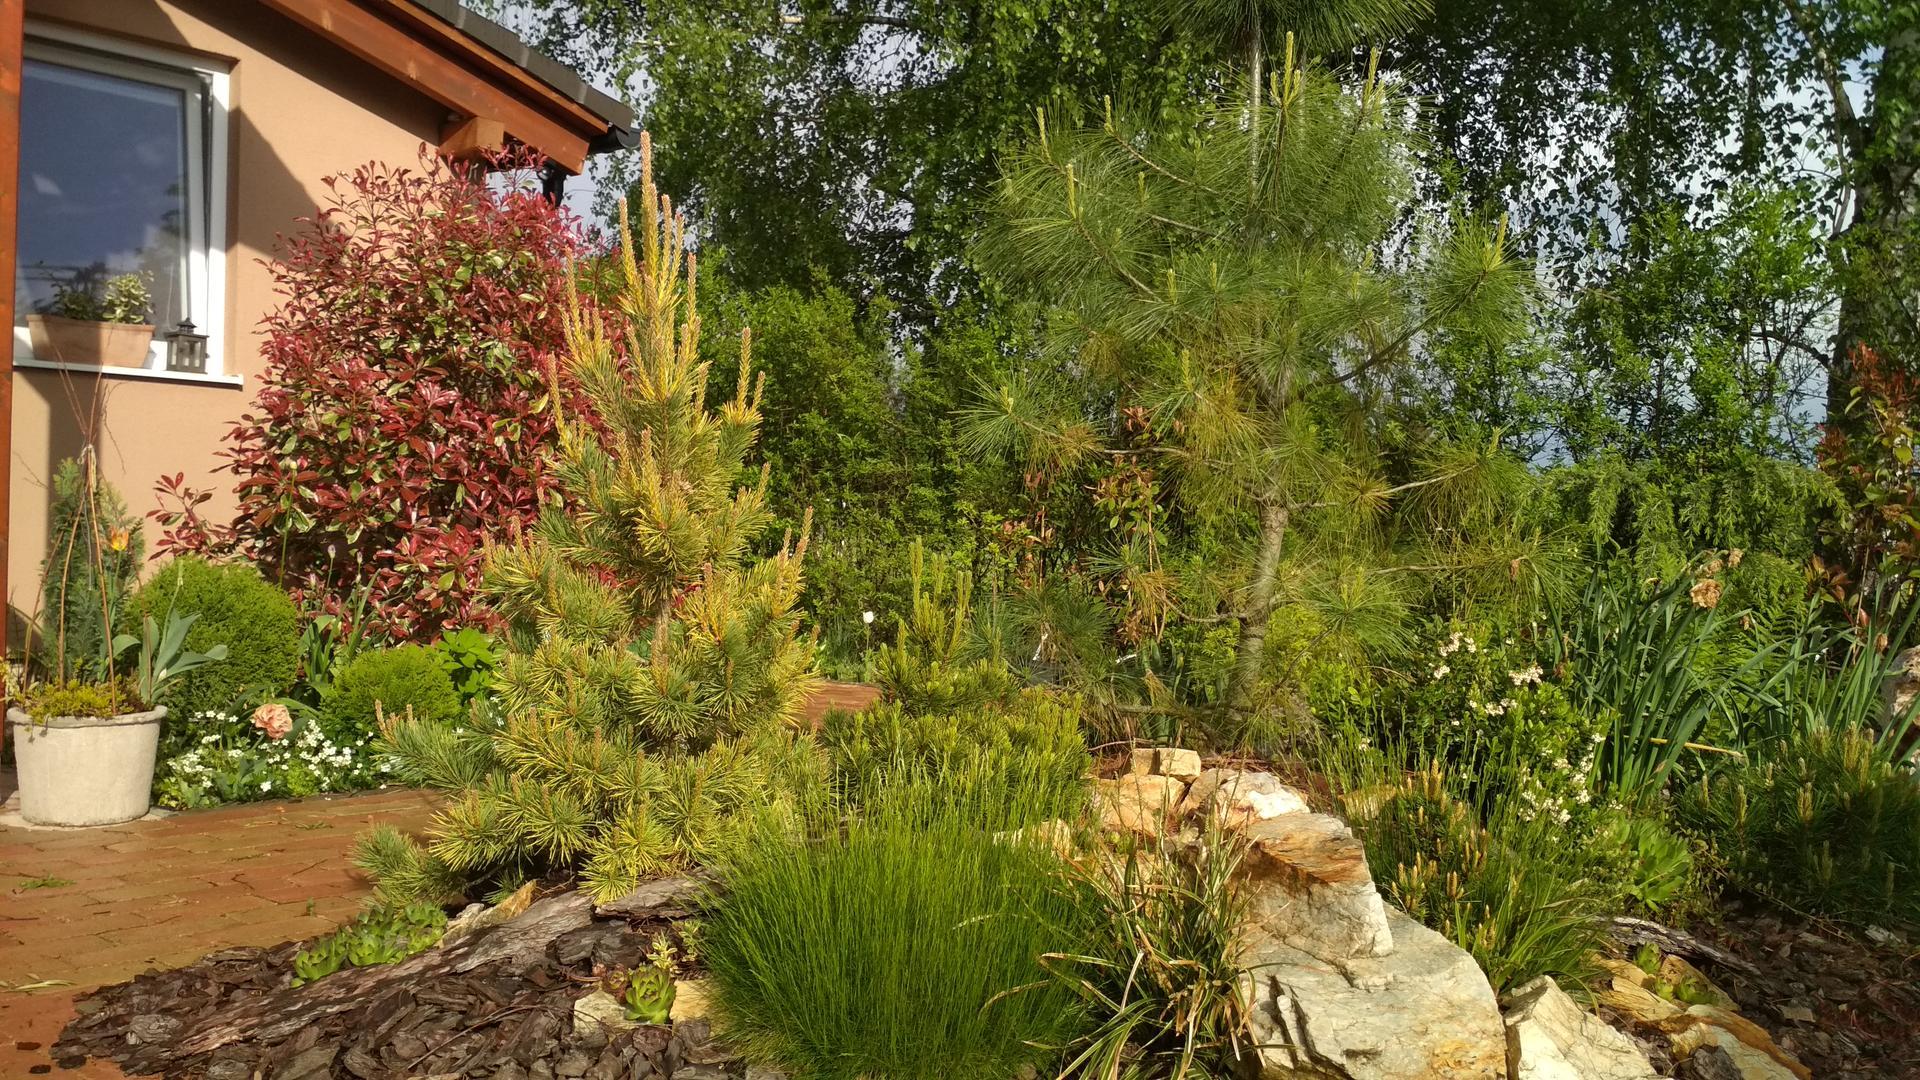 záhrada vidiecka, farebná rok 2021 - Obrázok č. 48